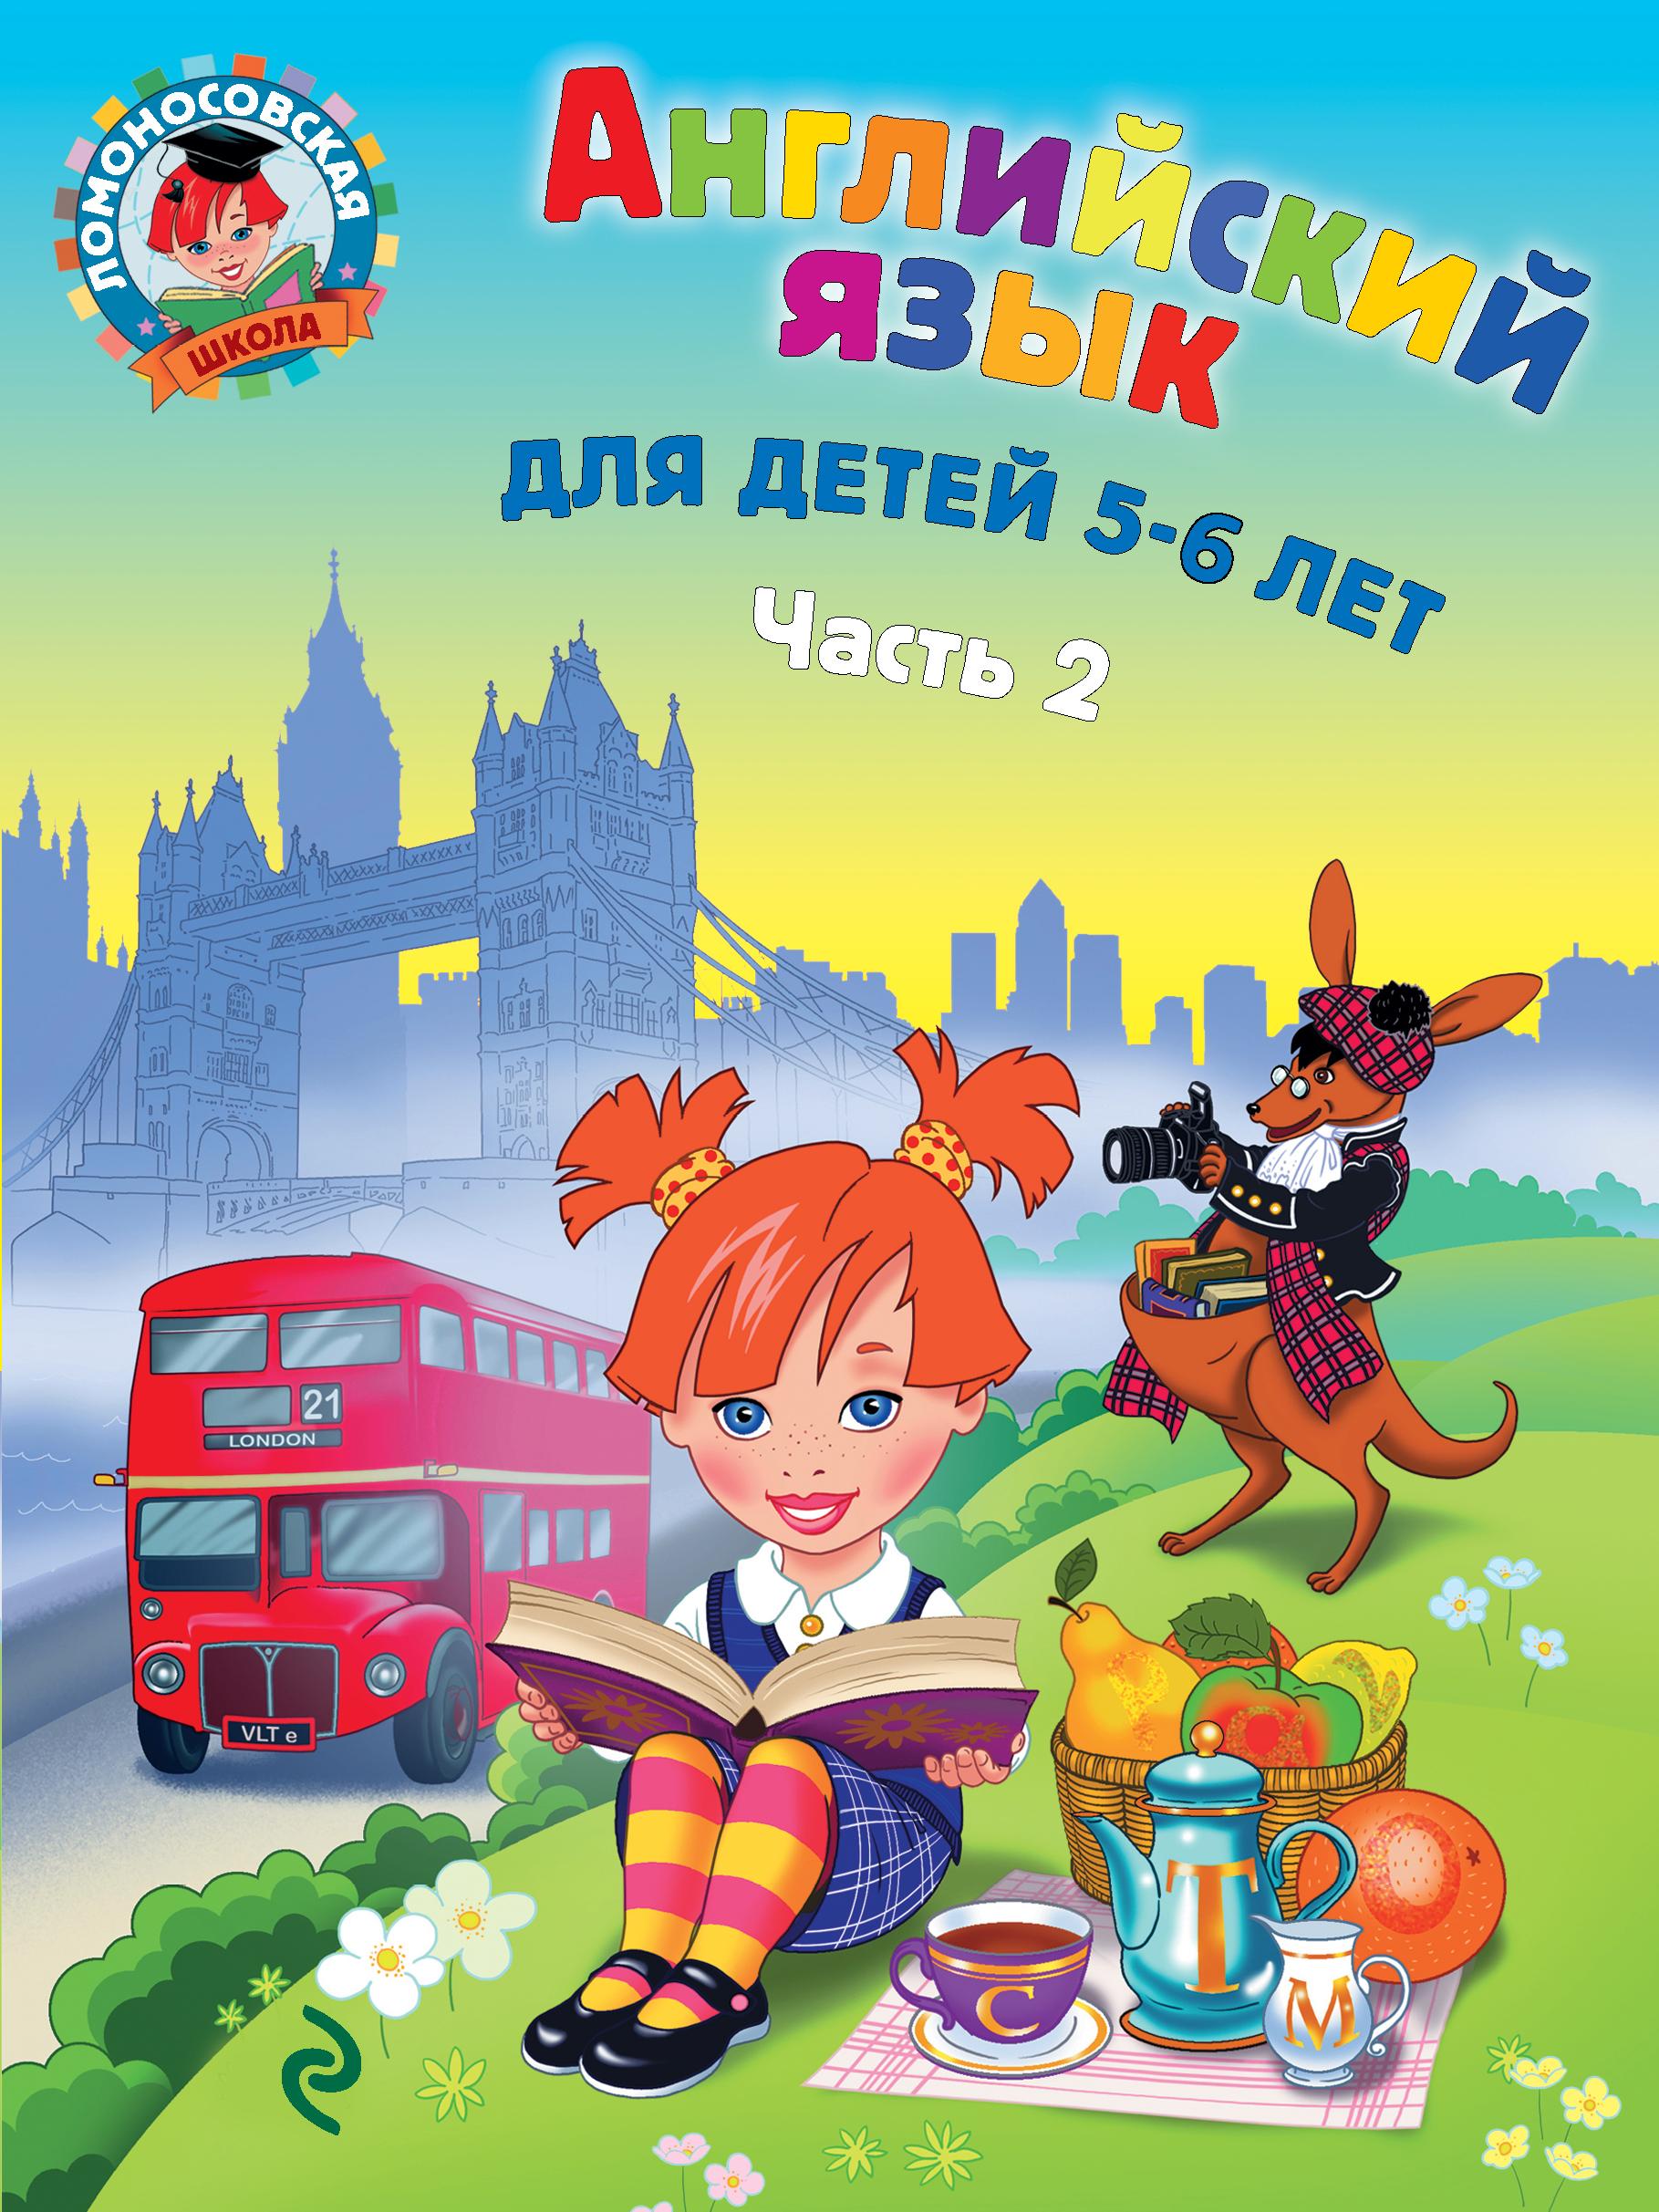 Английский язык: для детей 5-6 лет. Ч. 2. 2-е изд., испр. и перераб.